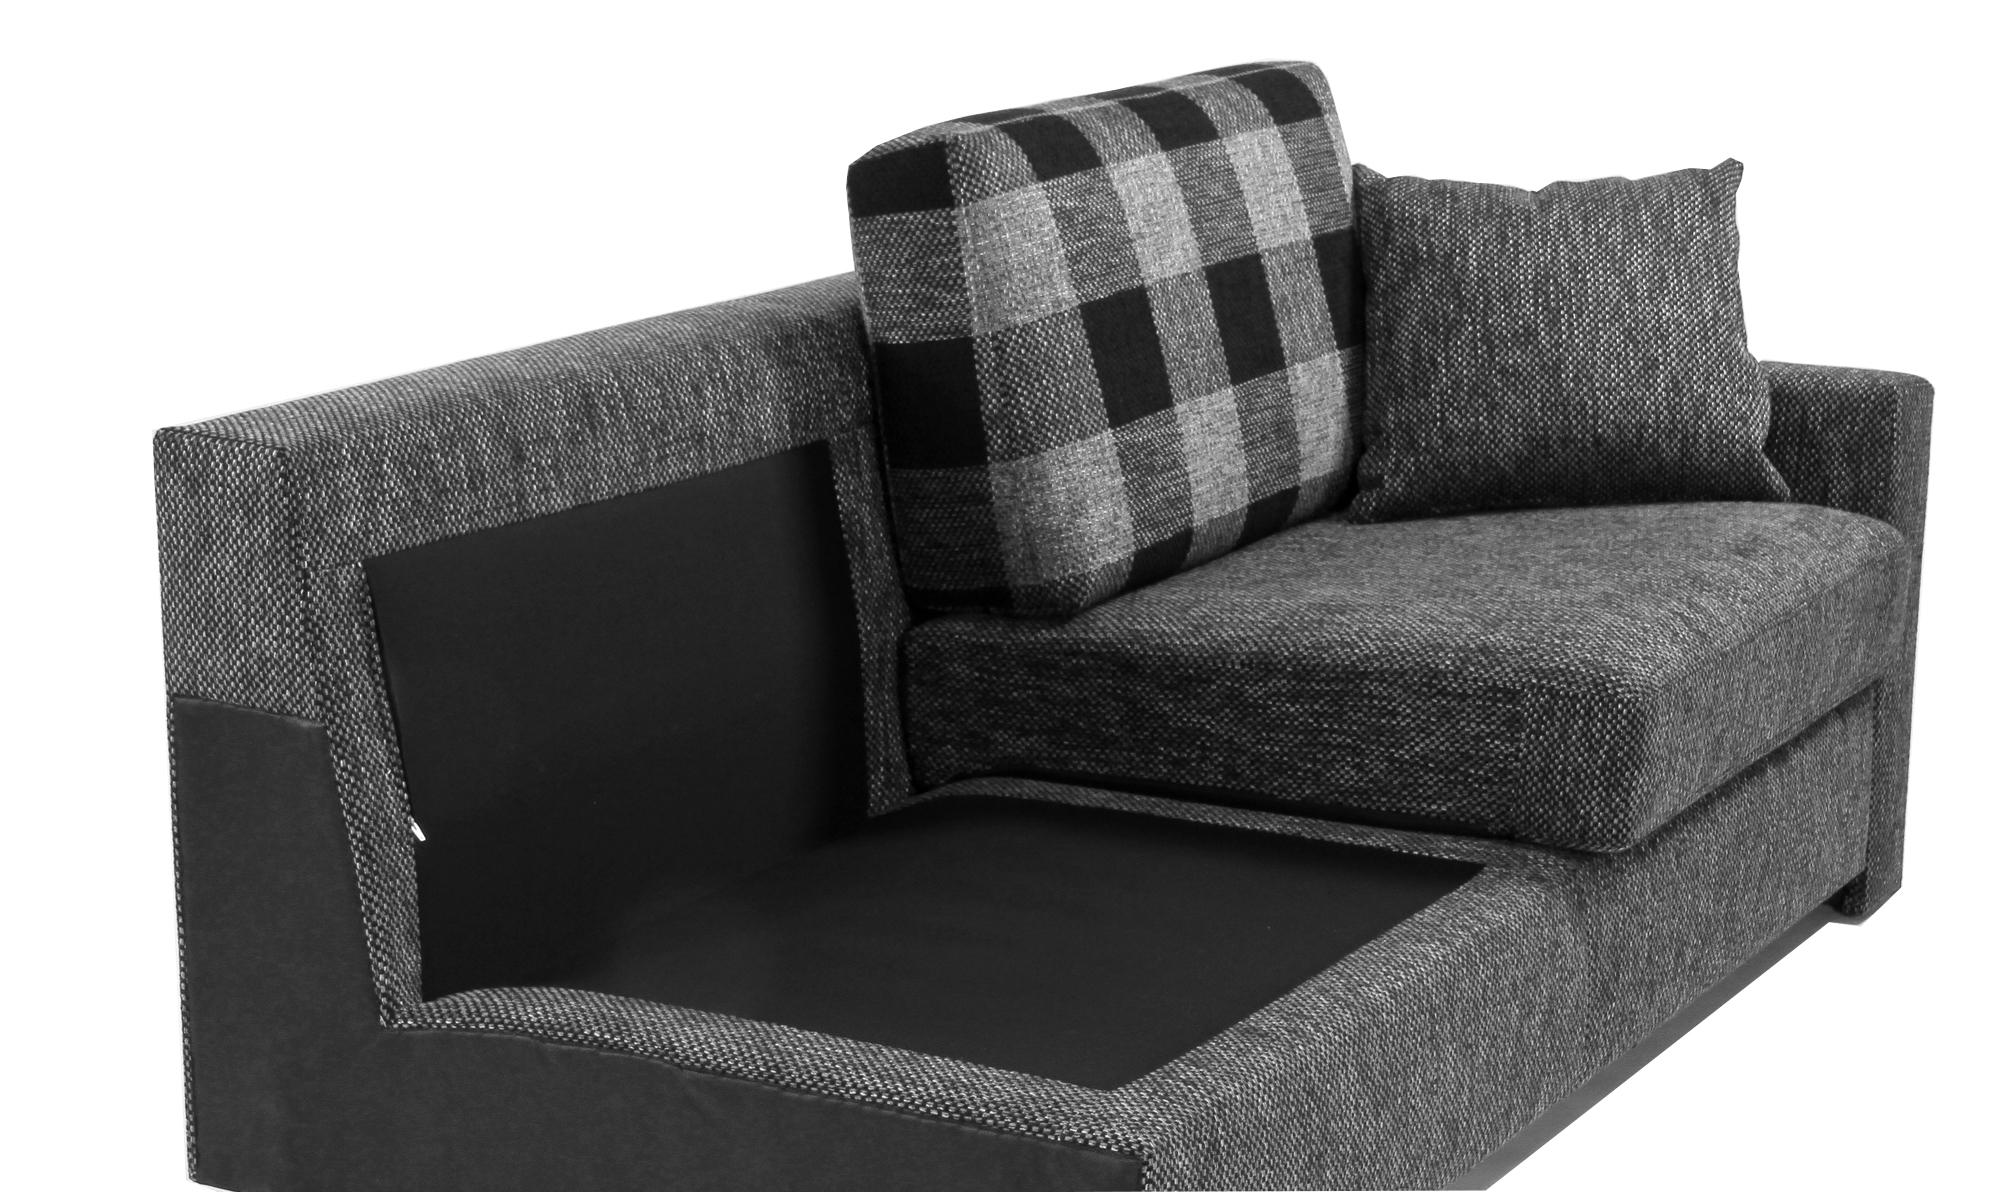 polsterm bel colonia direkt beim hersteller kaufen. Black Bedroom Furniture Sets. Home Design Ideas